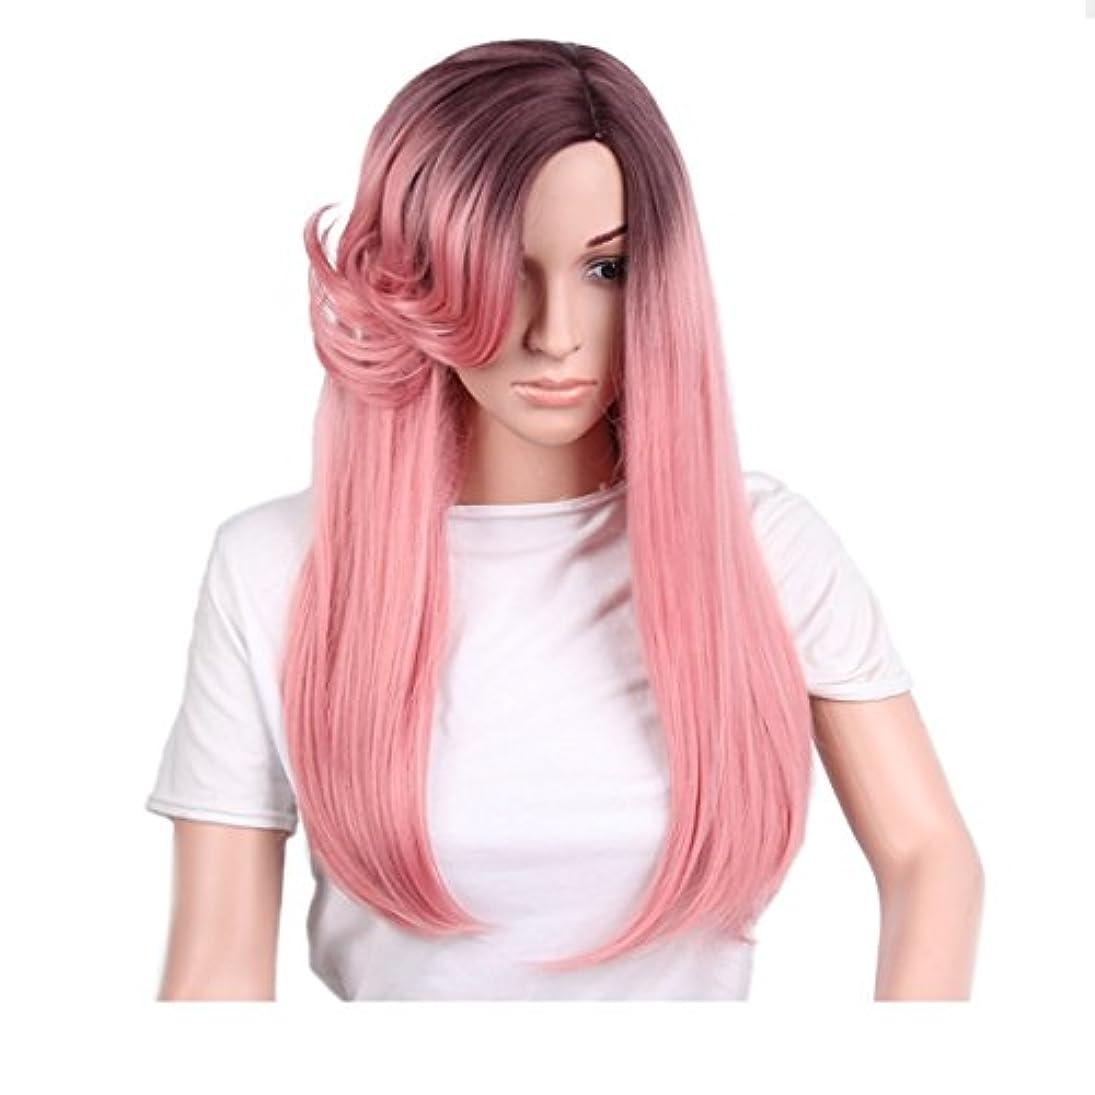 ちっちゃいちらつき幻想的JIANFU 女性のための26インチの化学繊維の毛のかつらロングストレートナチュラルグラデーションの色はコスプレ/パーティーのロングロールバンズウィッグとピンクのかつらをローズ (Design : Rose pink1)